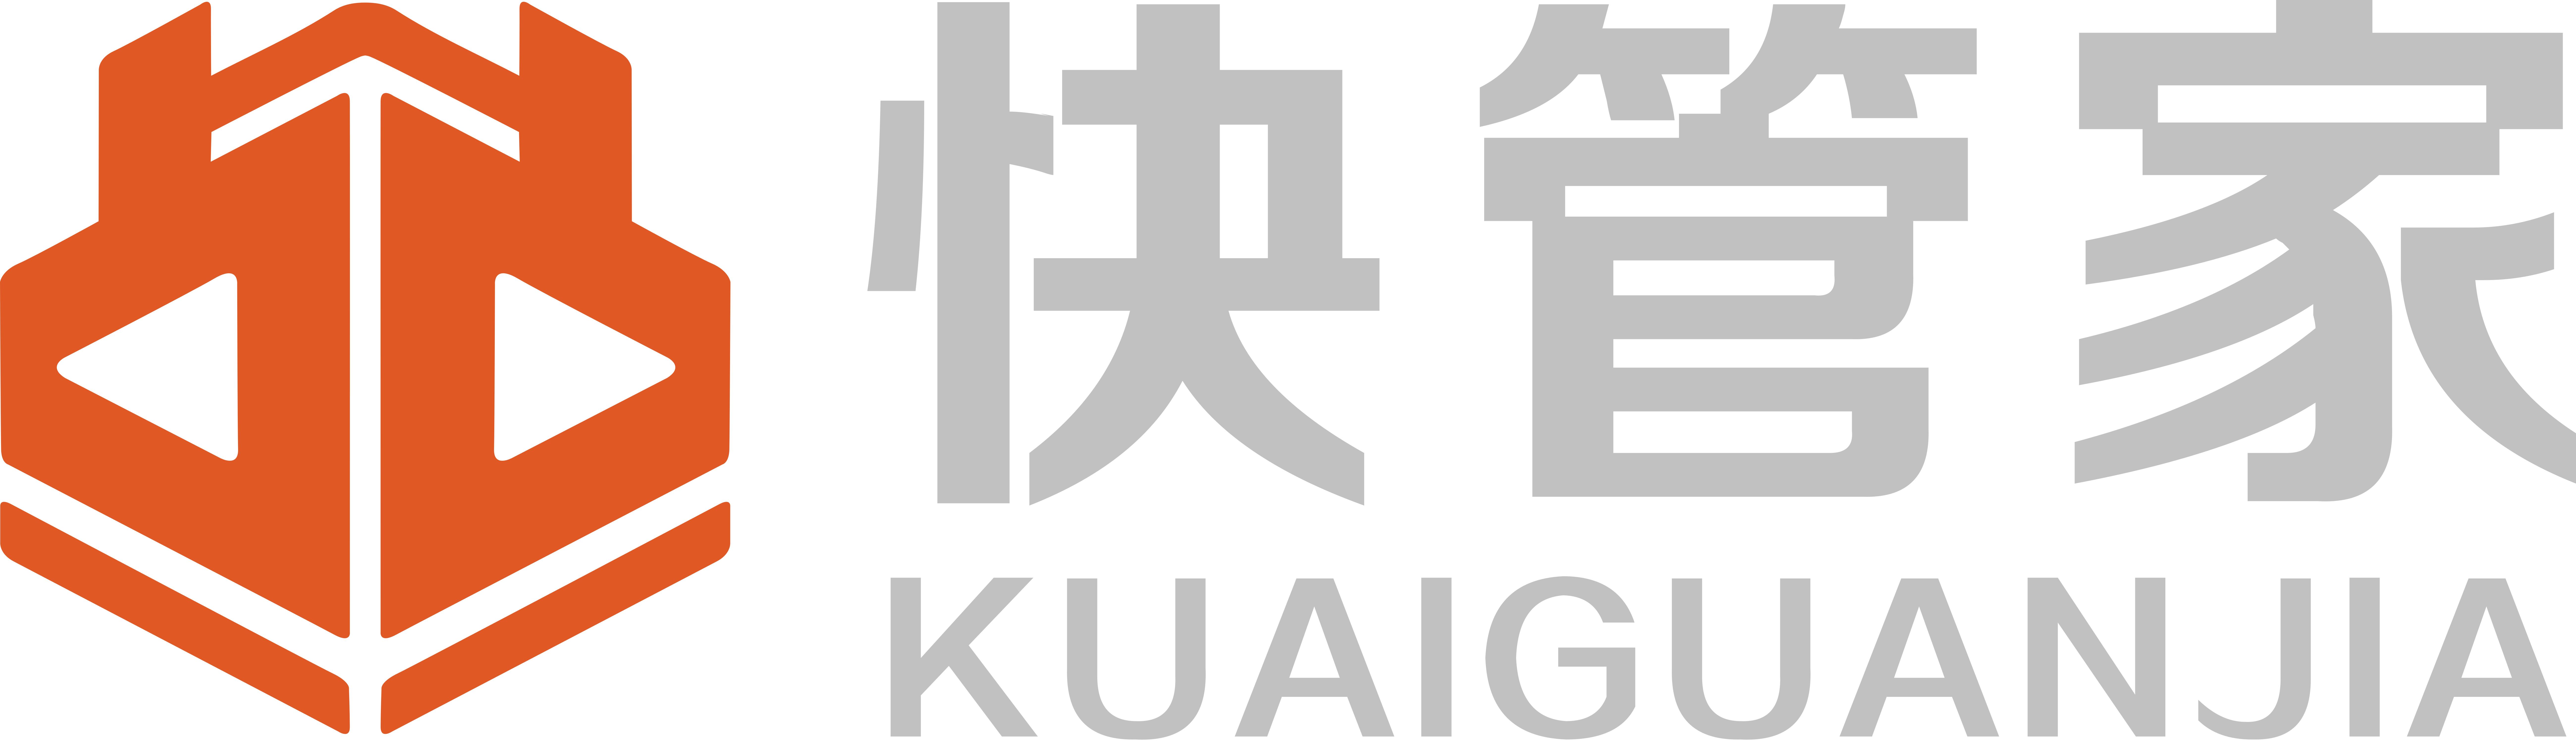 廣東點點管家智能科技有限公司 _才通國際人才網_job001.cn